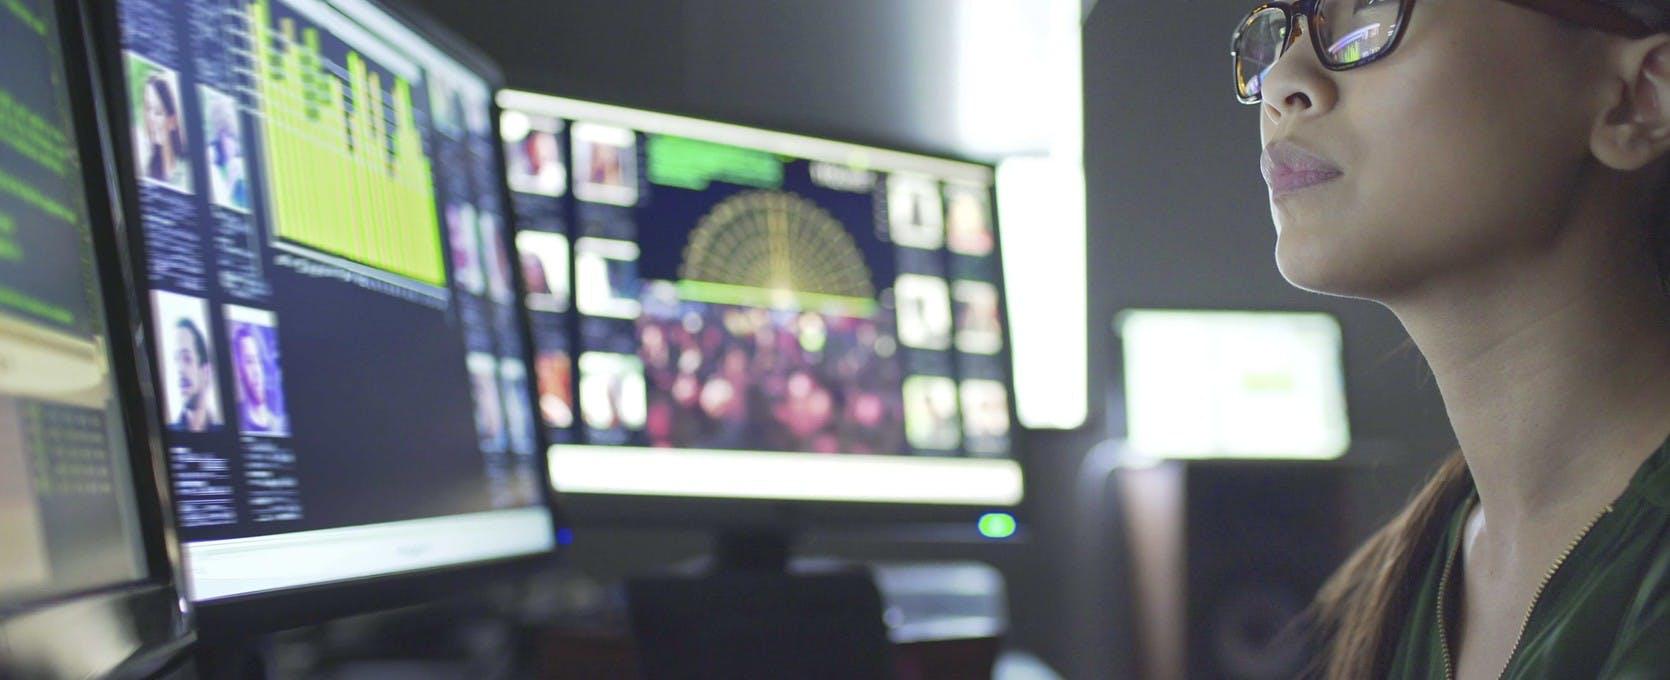 Analyst reviewing data via an insurtech system